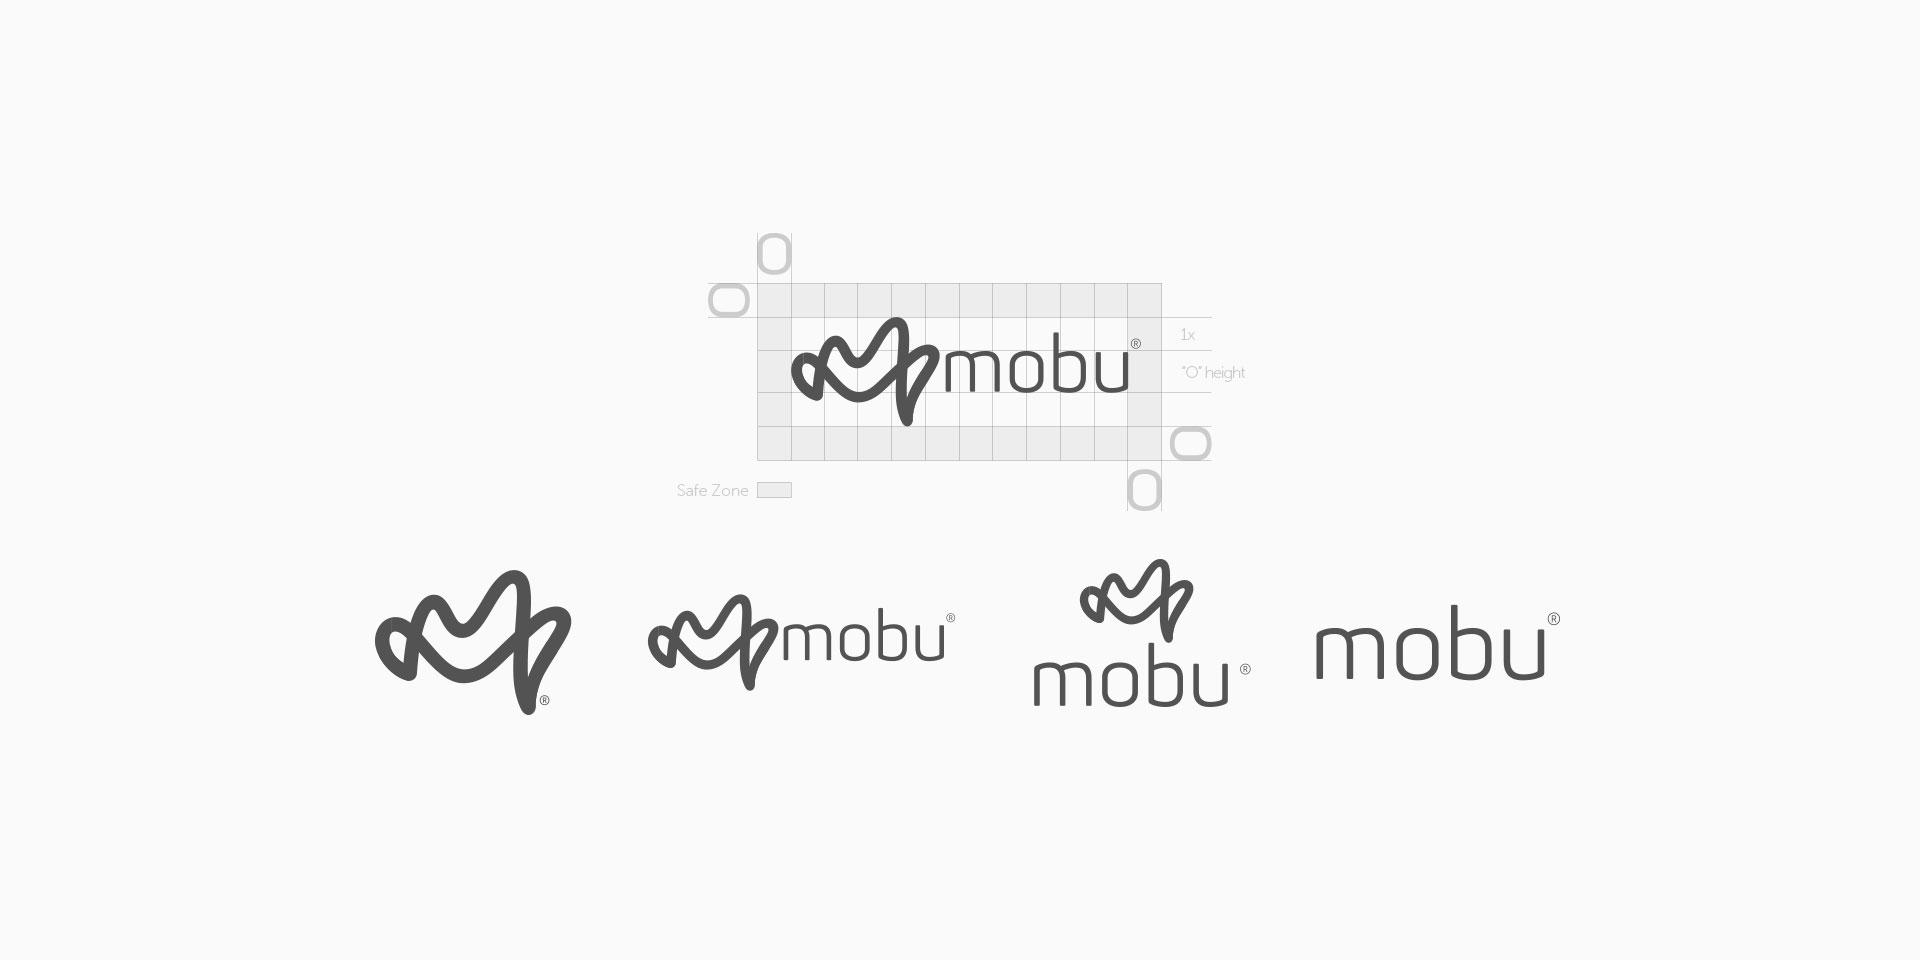 mobu03